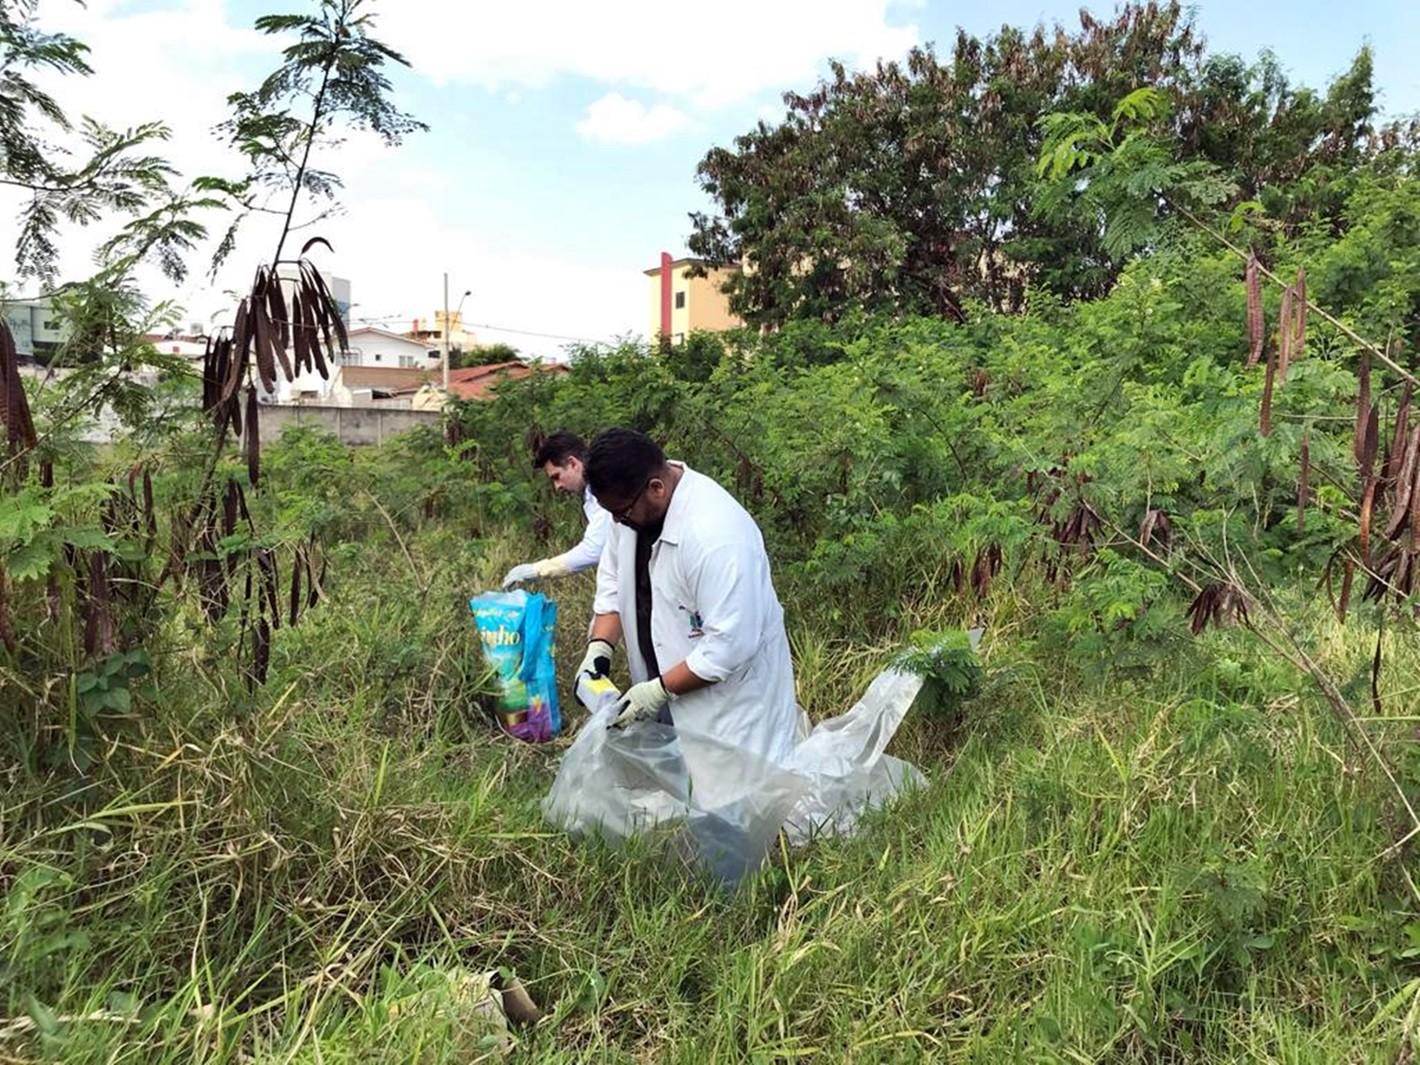 Cerca de 30 quilos de agulhas e seringas usadas são recolhidas em terreno baldio em Pouso Alegre, MG - Notícias - Plantão Diário